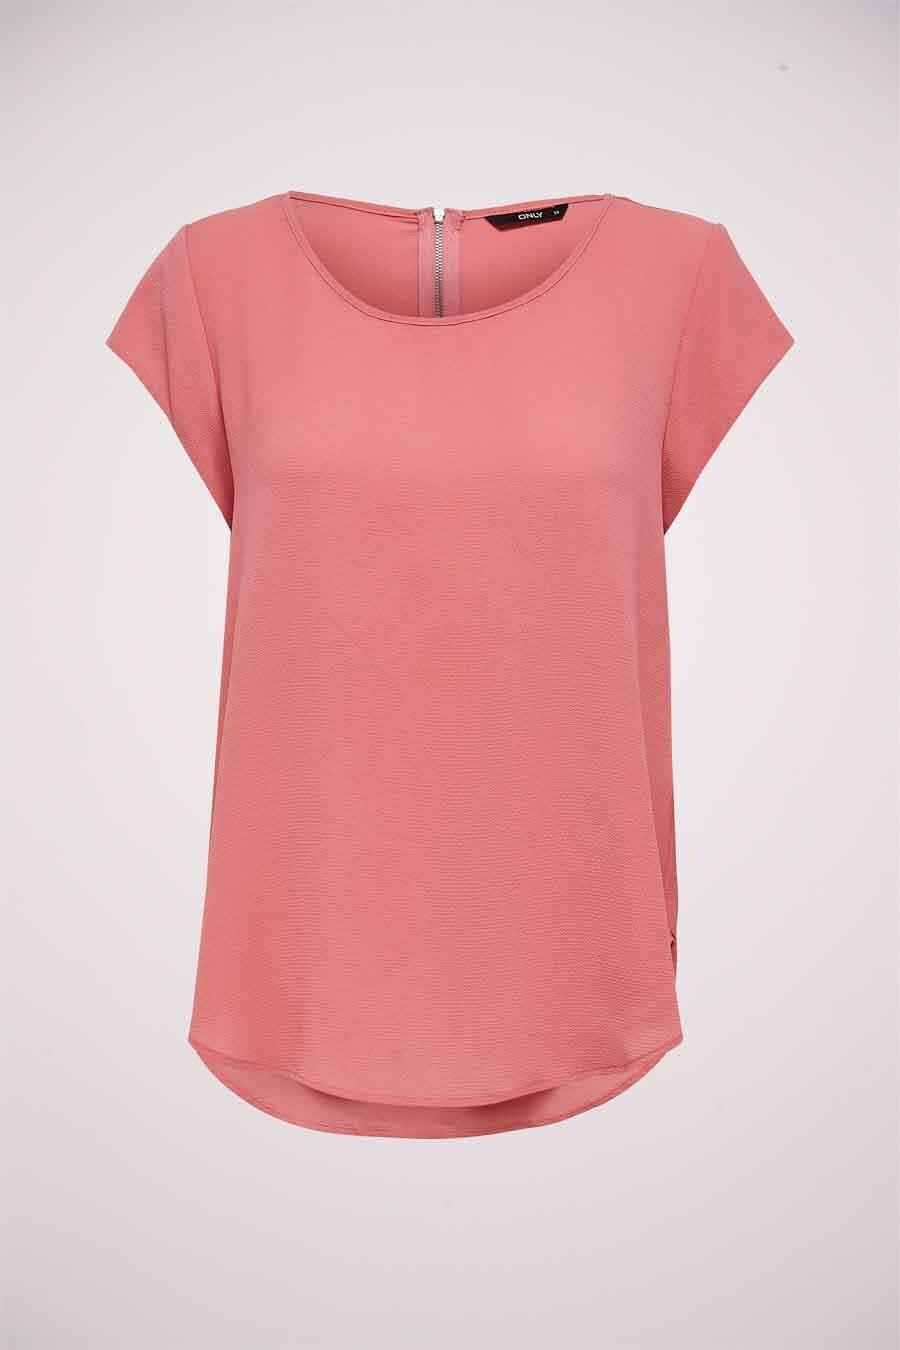 ONLY® Blouse korte mouwen, Roze, Dames, Maat: 34/36/38/40/42